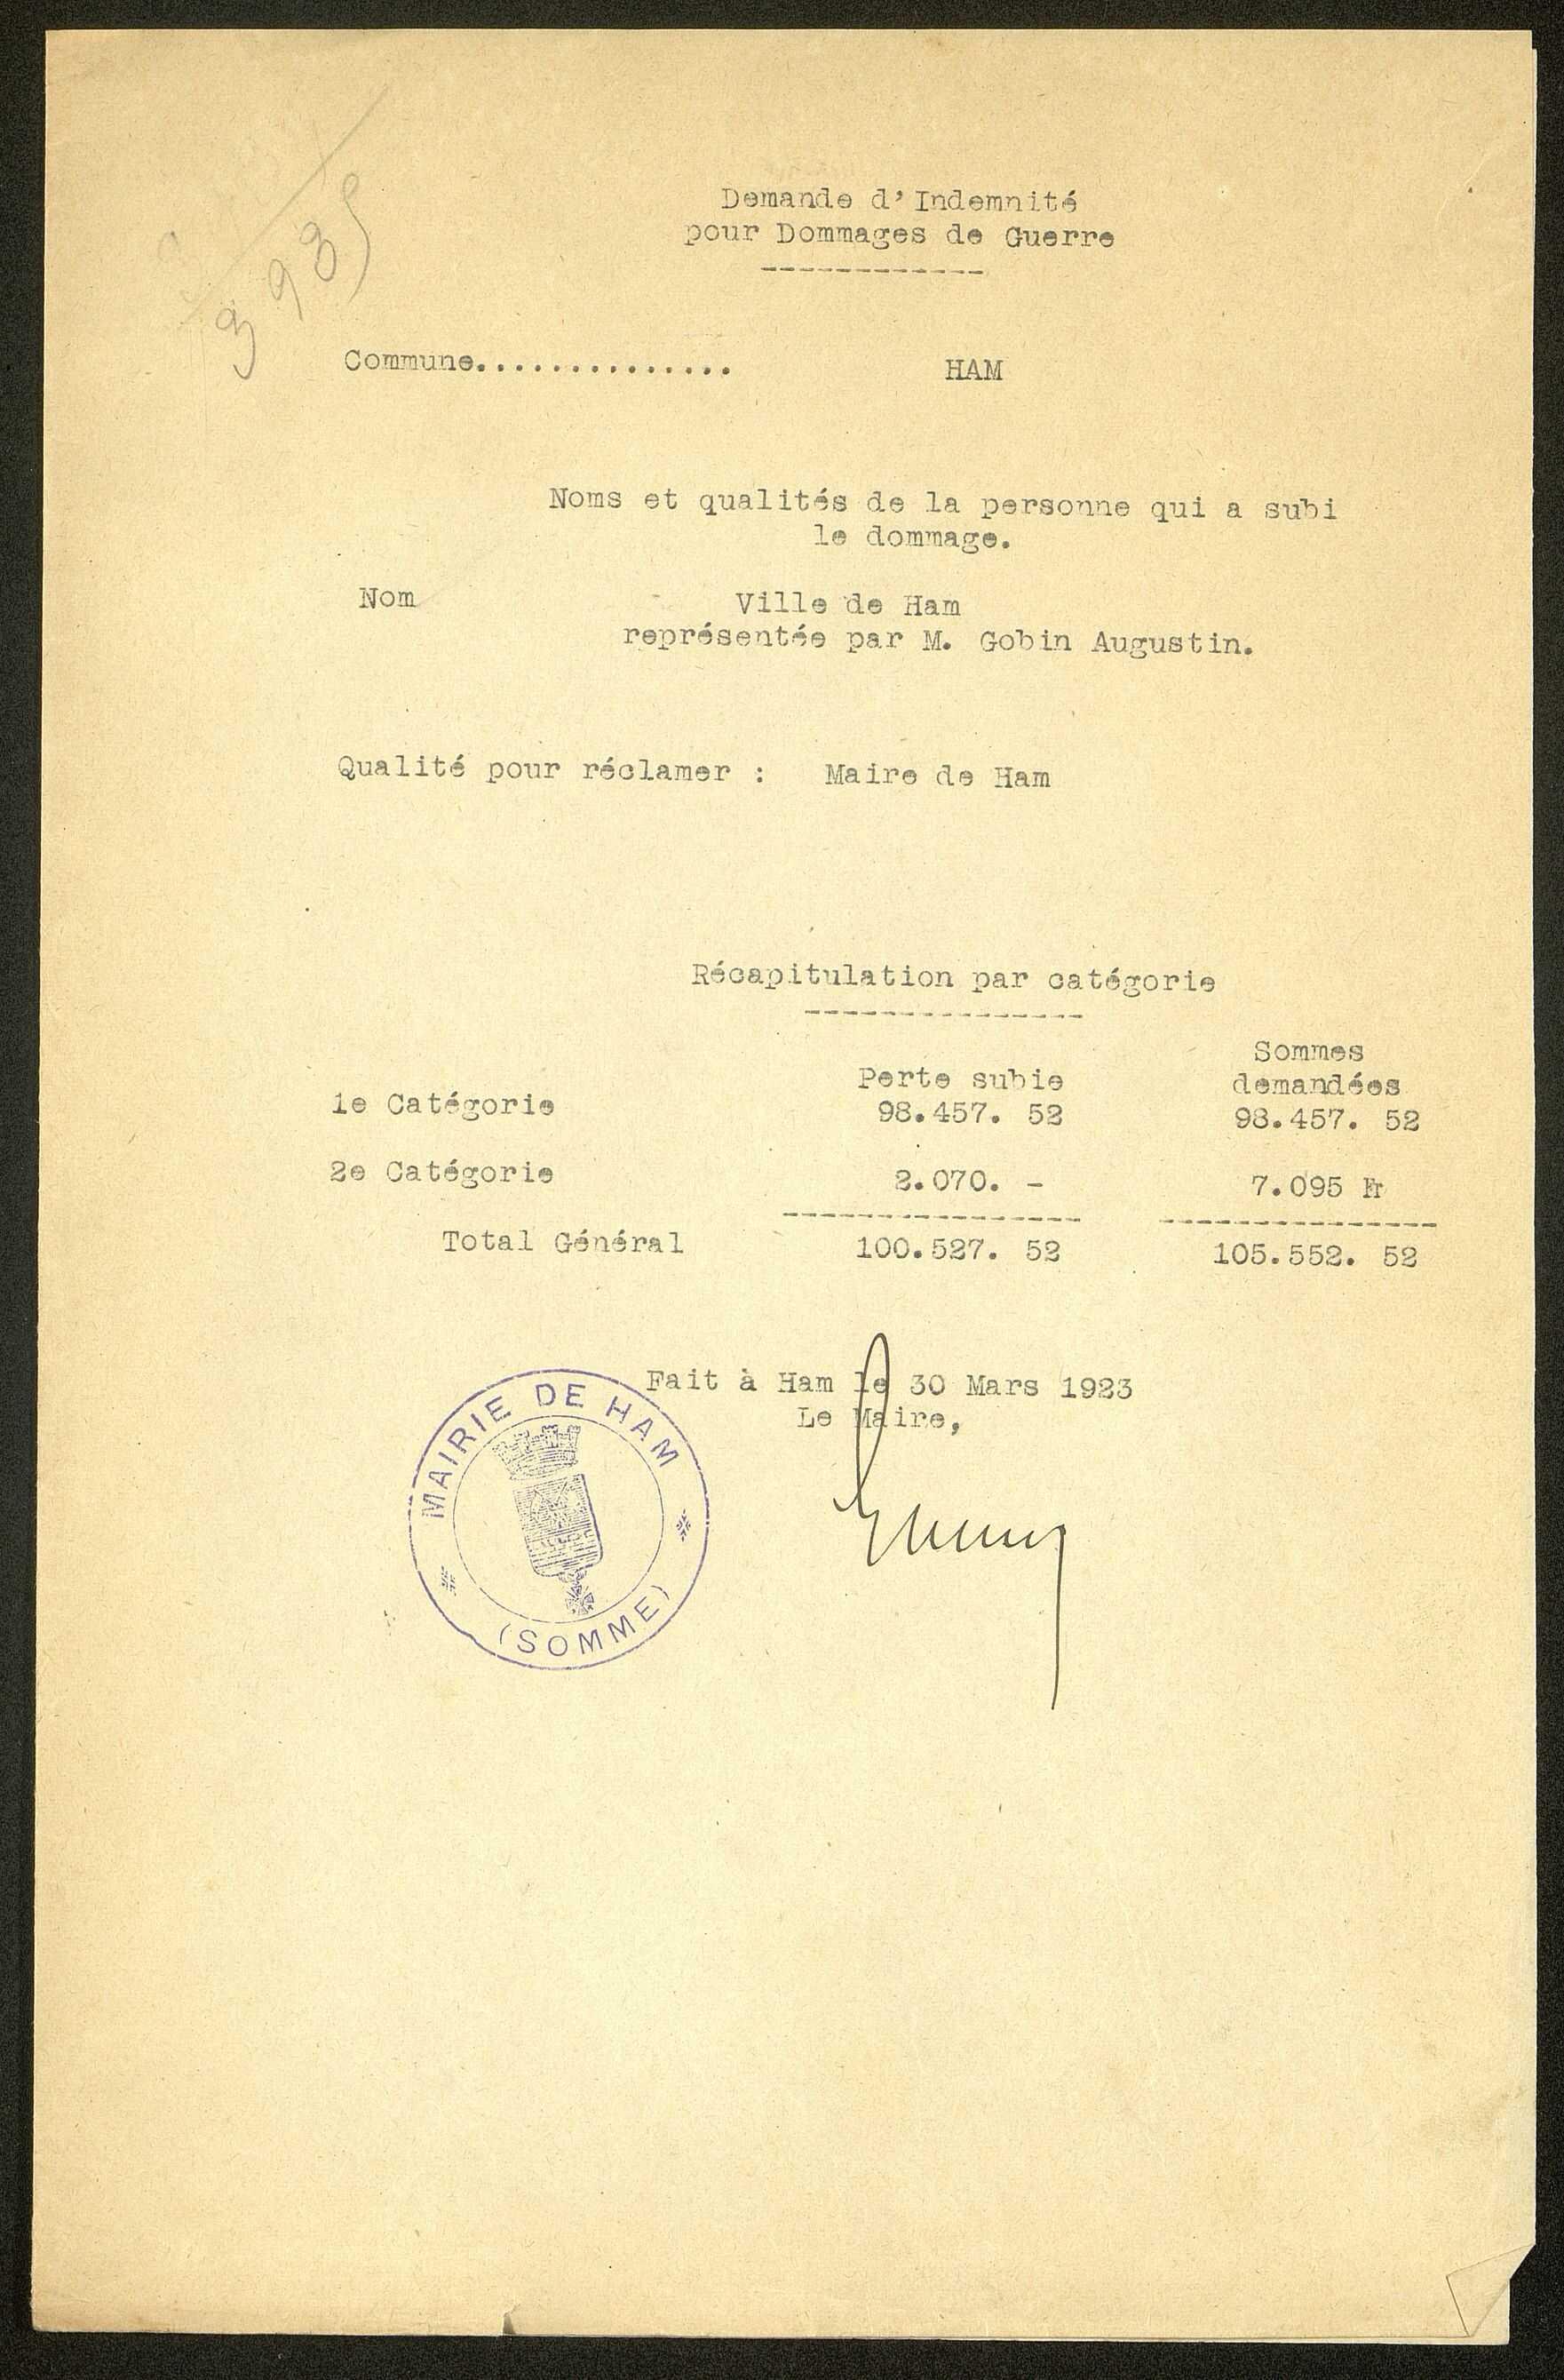 Ham. Demande d'indemnisation des dommages de guerre : dossier Ville de Ham (bâtiments communaux)